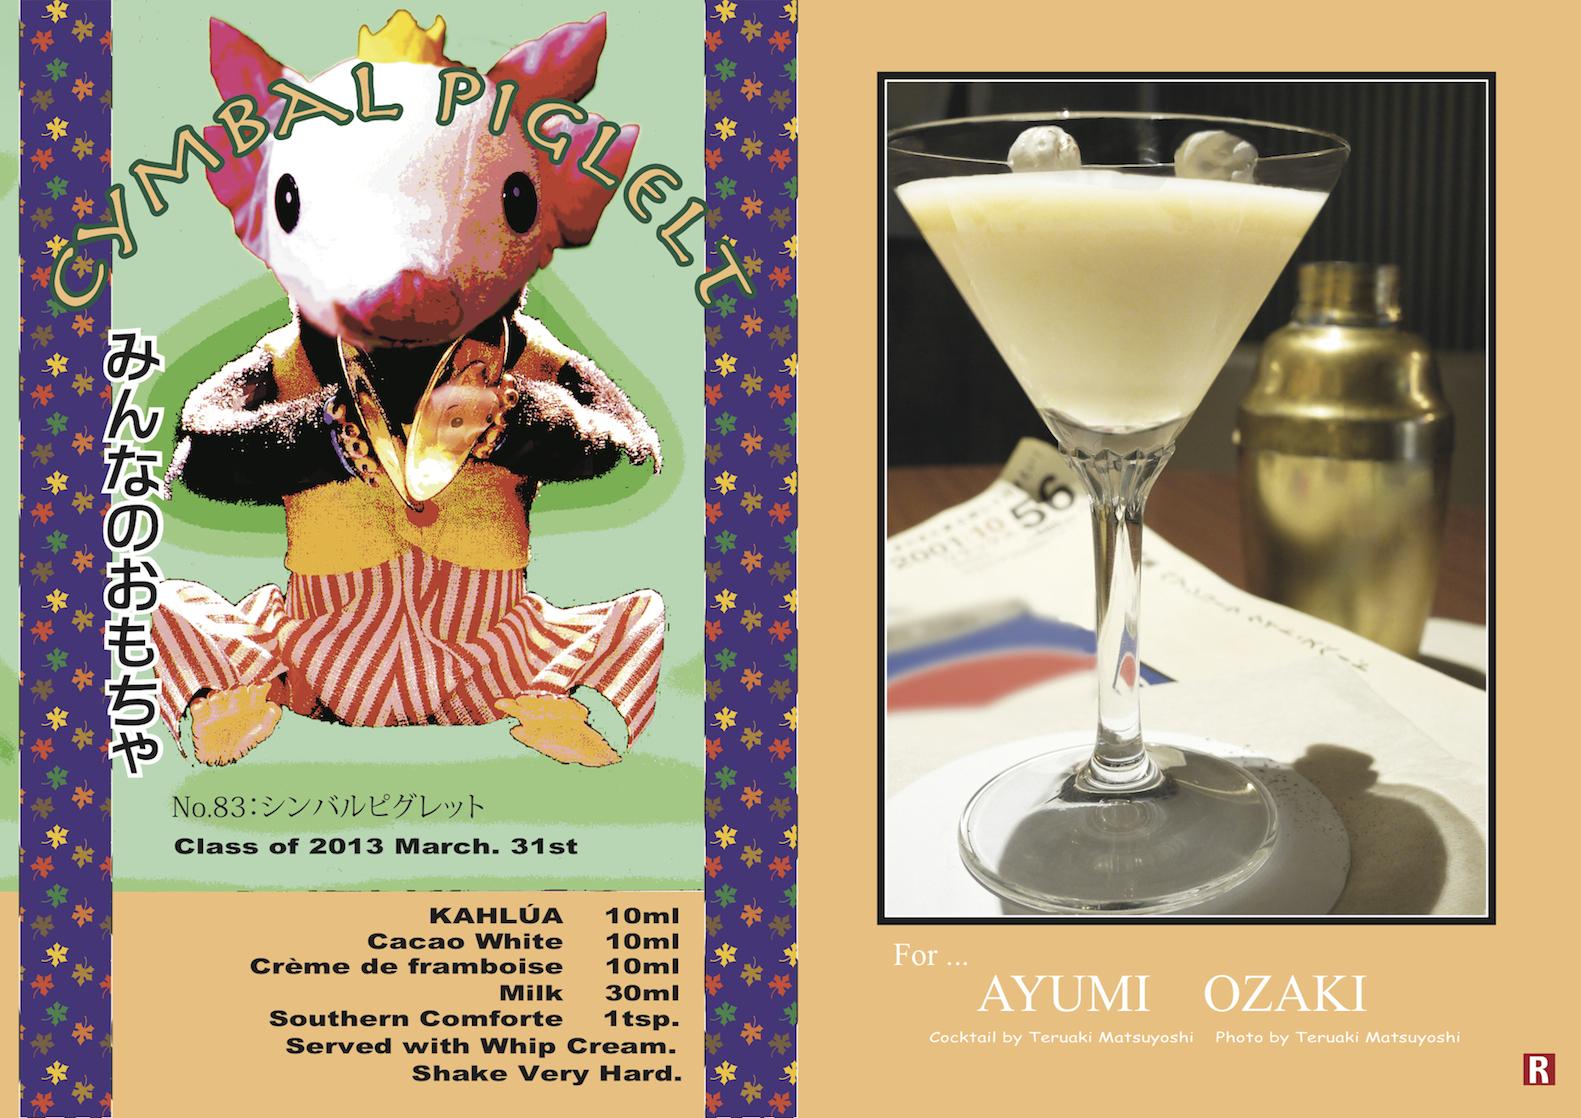 201303Ayumi Ozaki_Cymbal Piglet